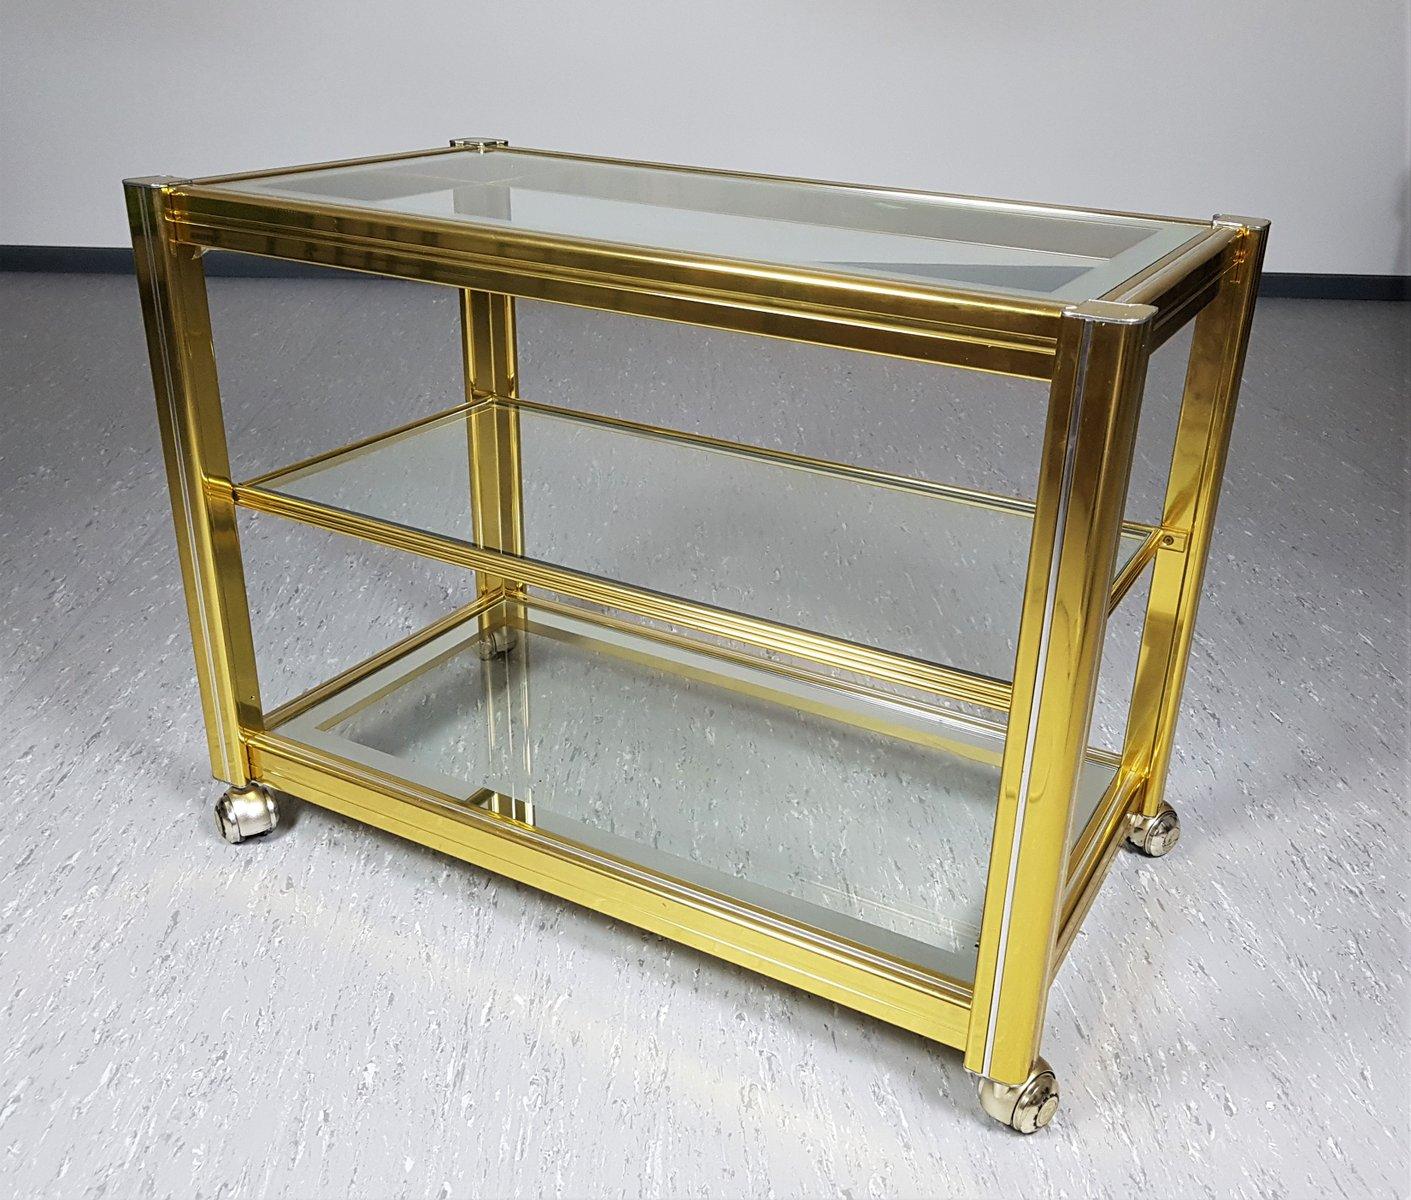 vintage messing glas servierwagen bei pamono kaufen. Black Bedroom Furniture Sets. Home Design Ideas